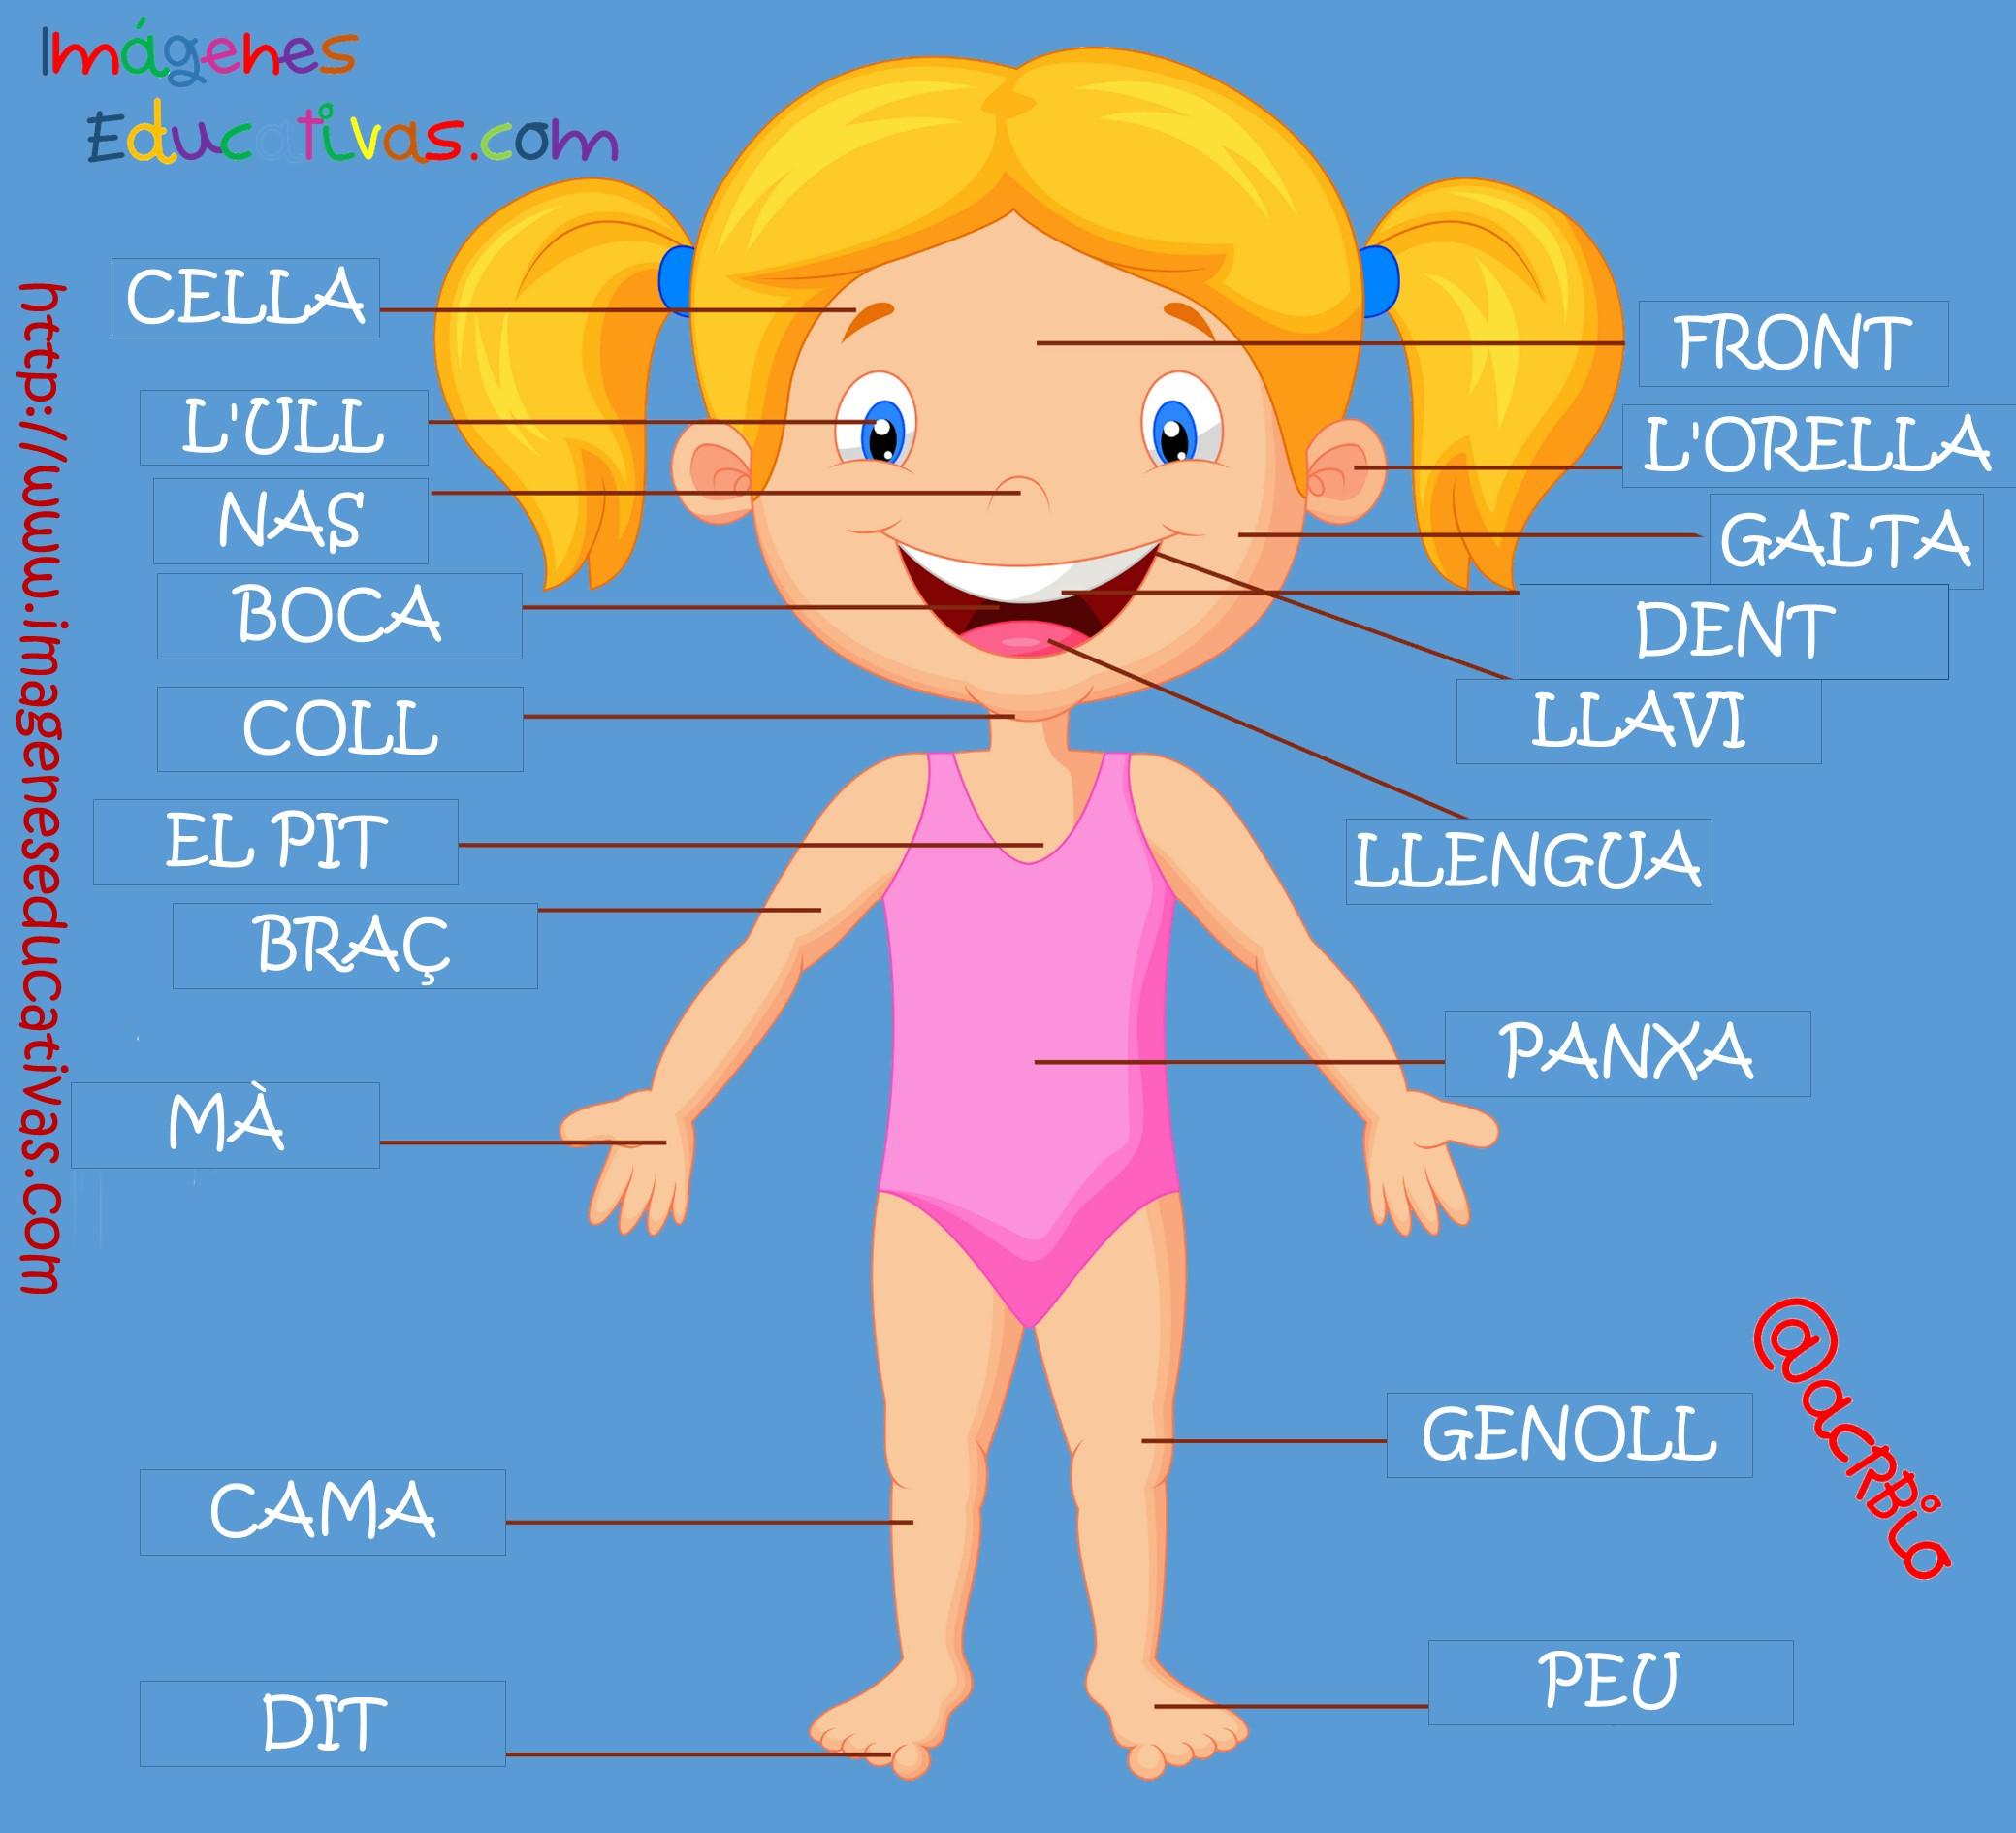 Partes del cuerpo en Catalán (1) - Imagenes Educativas